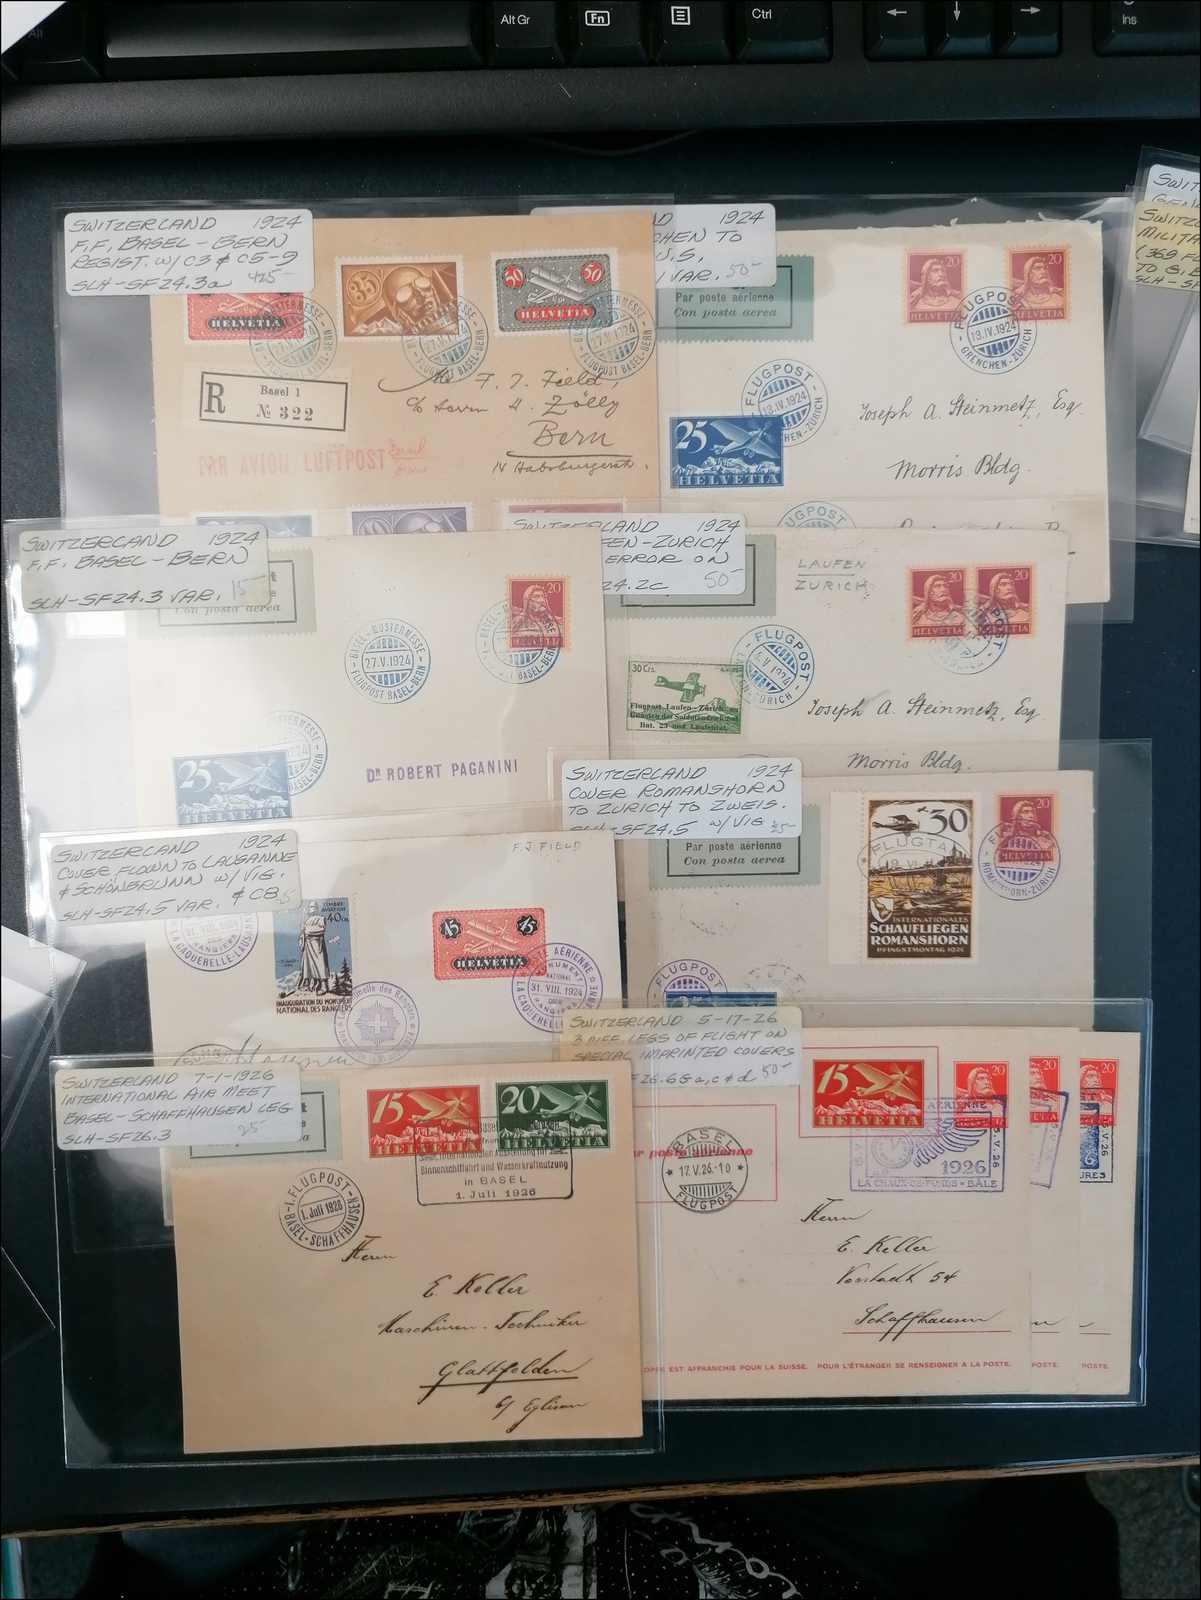 Lot 181 - schweiz schweiz -  Rolli Auctions Auction #68 Day 1